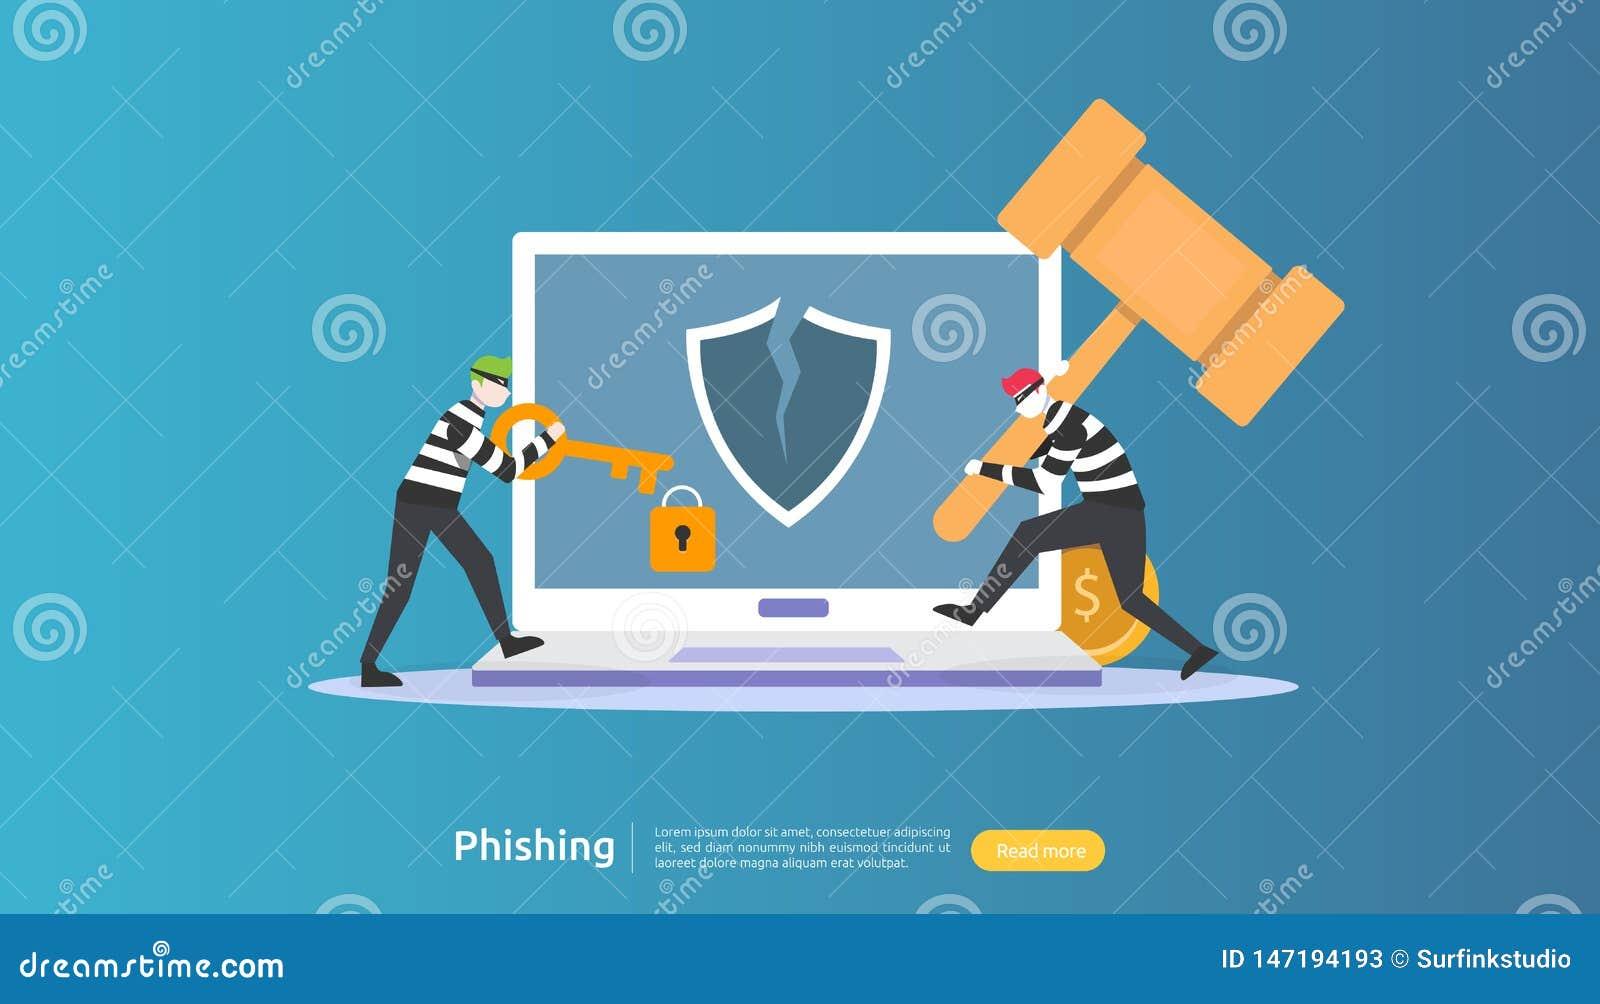 έννοια ασφάλειας Διαδικτύου με το μικροσκοπικό χαρακτήρα ανθρώπων phishing επίθεση κωδικού πρόσβασης stealing προσωπικά στοιχεία